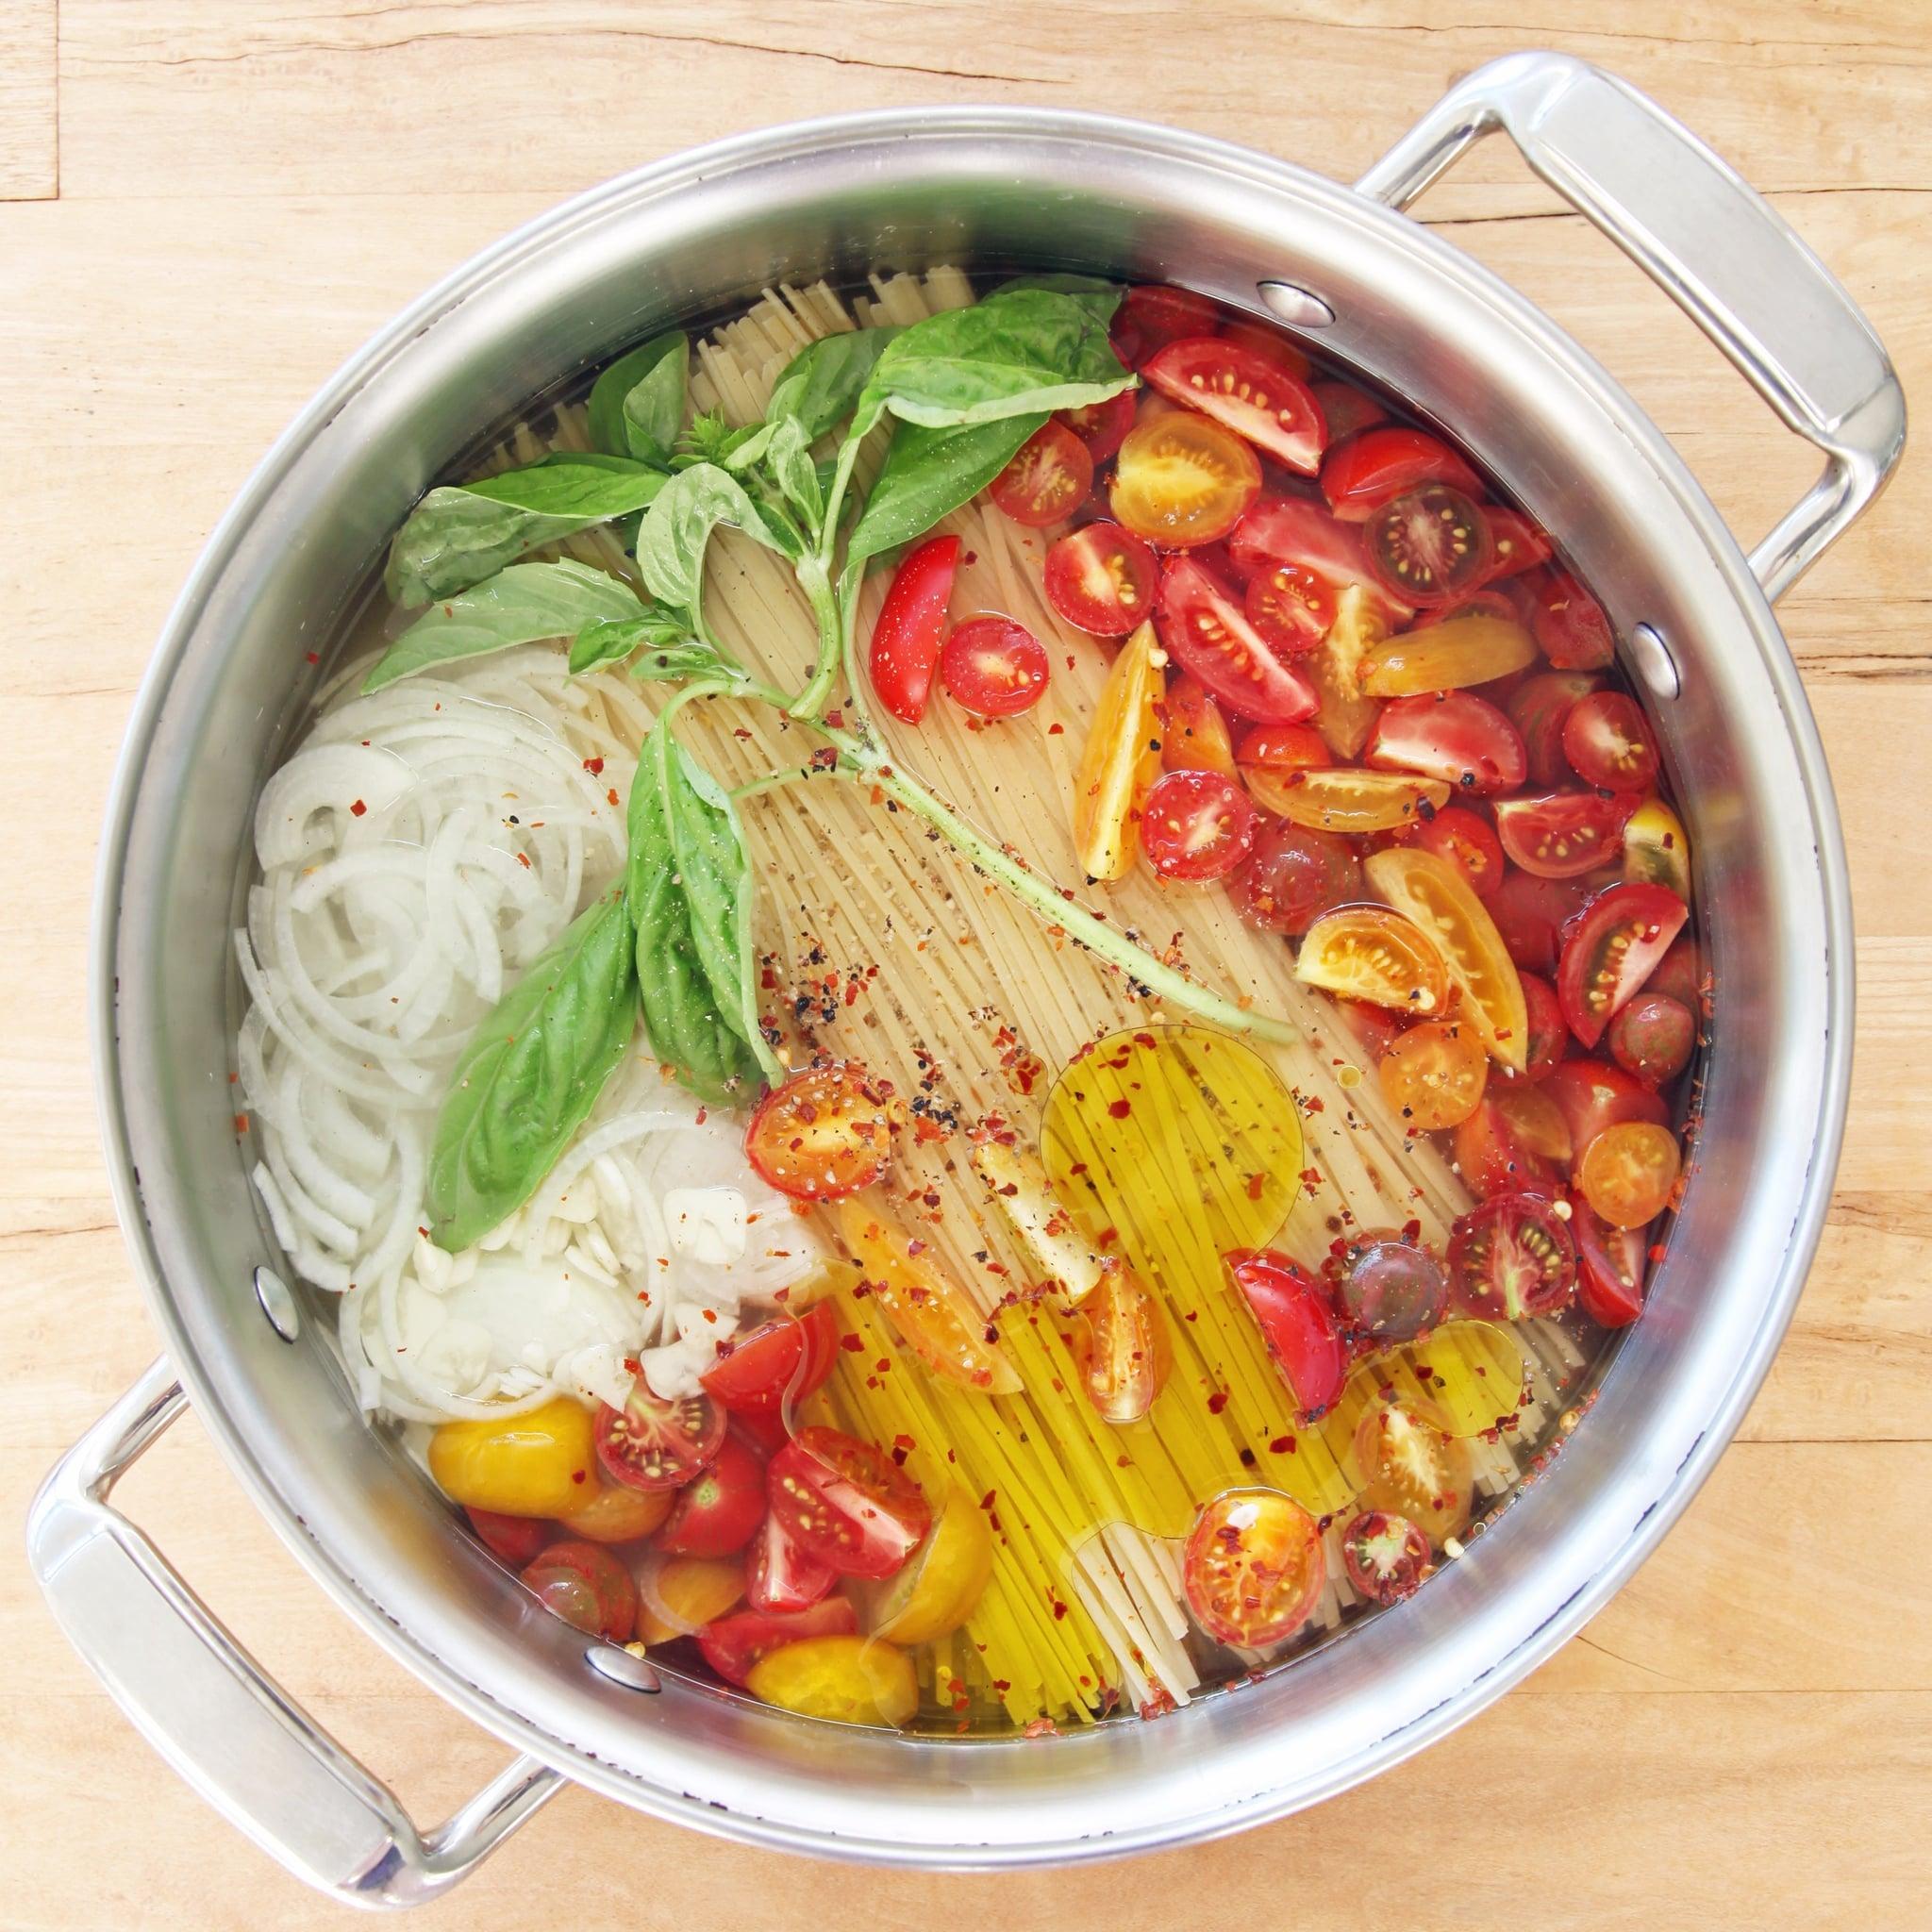 Easy dinner recipes for beginners popsugar food forumfinder Images